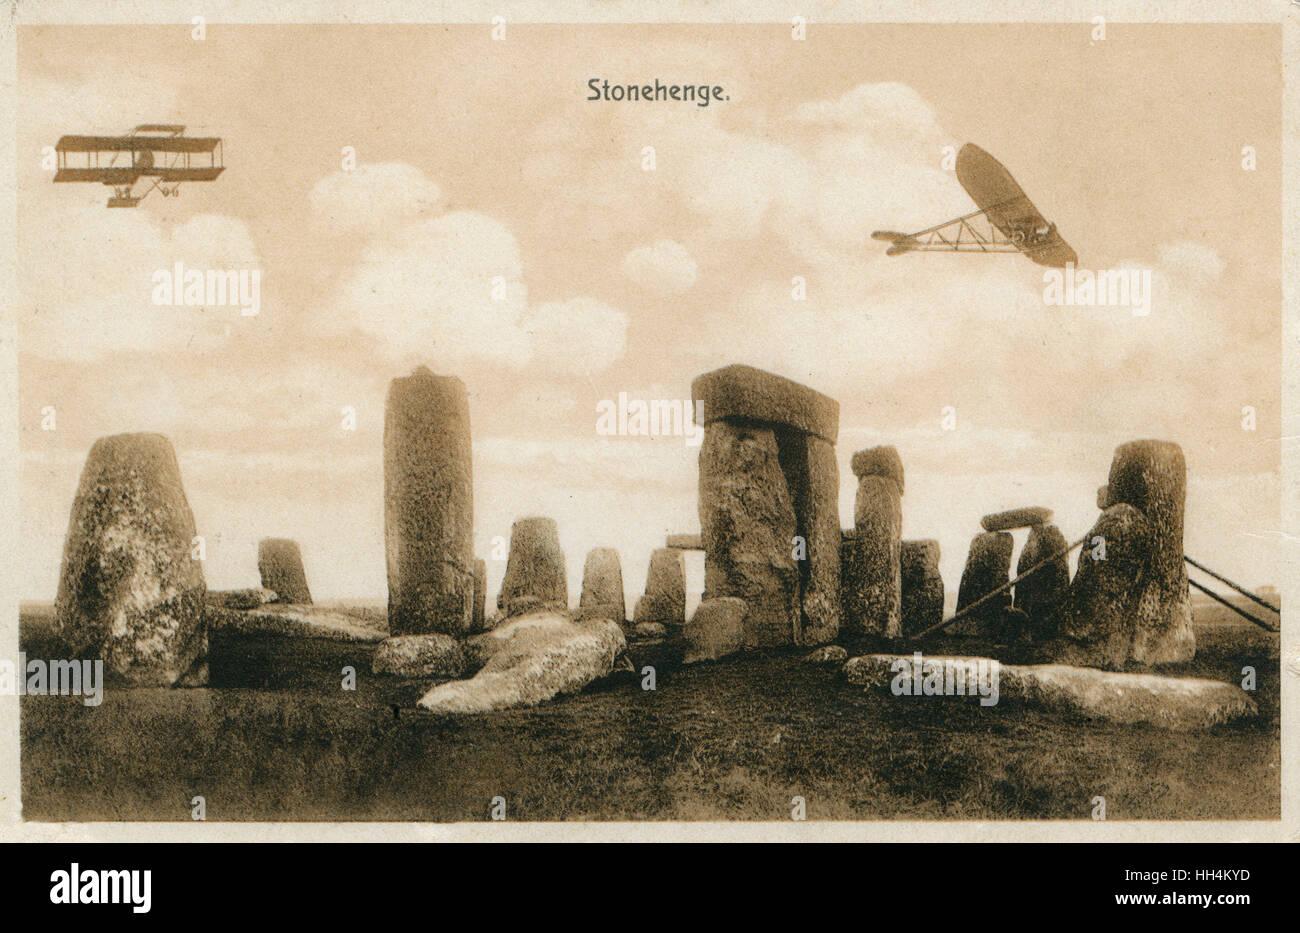 Début de l'avion militaire britannique de manoeuvres dans la plaine de Salisbury - photographié ici au-dessus de Stonehenge (Wiltshire). L'avion sur la gauche est un biplan Bristol Boxkite. Quatre ont été achetés en 1911 par le ministère de la guerre et des exemples ont été vendus à la Russie et l'Austra Banque D'Images